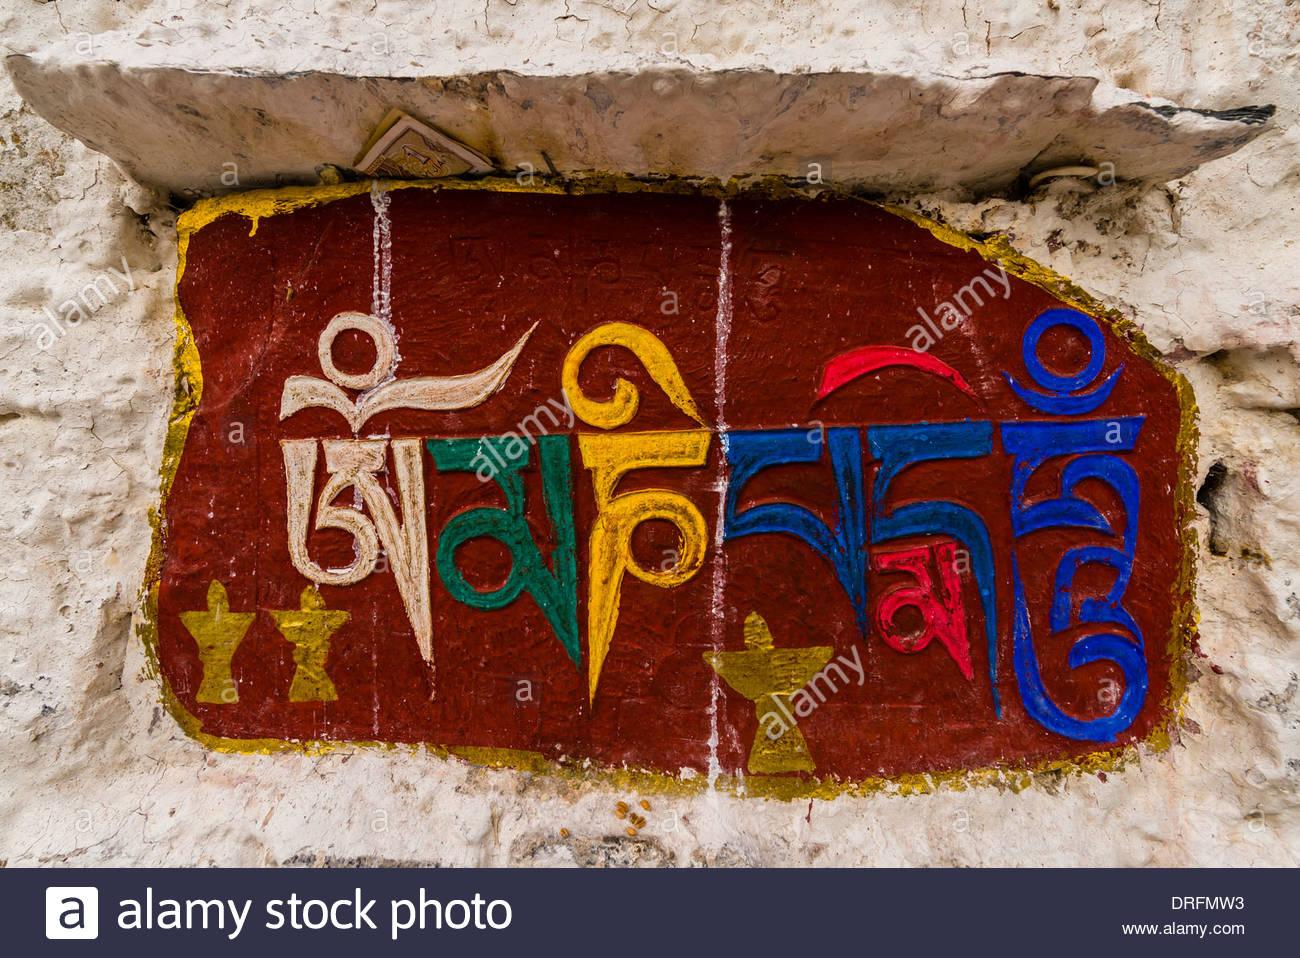 Near the Potala Palace, Lhasa, Tibet (Xizang), China. - Stock Image